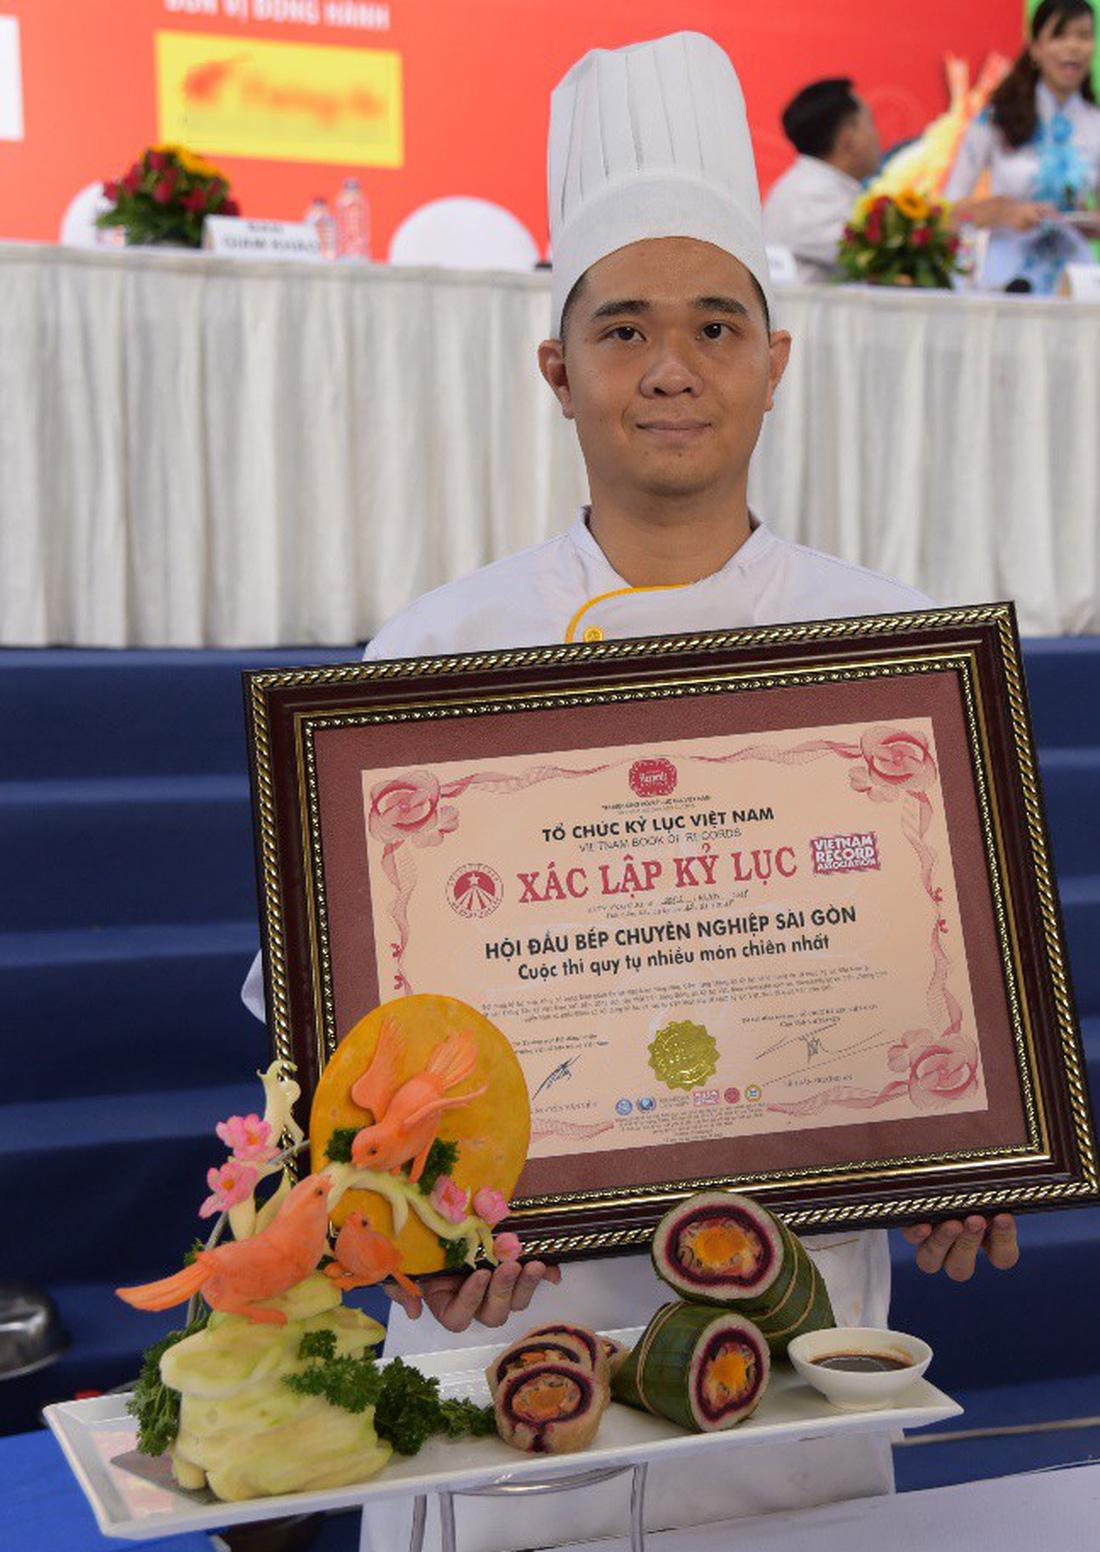 Vạn Ý Nghĩa vào top 50 món chiên ngon đặc sắc nhất Việt Nam - Ảnh 1.